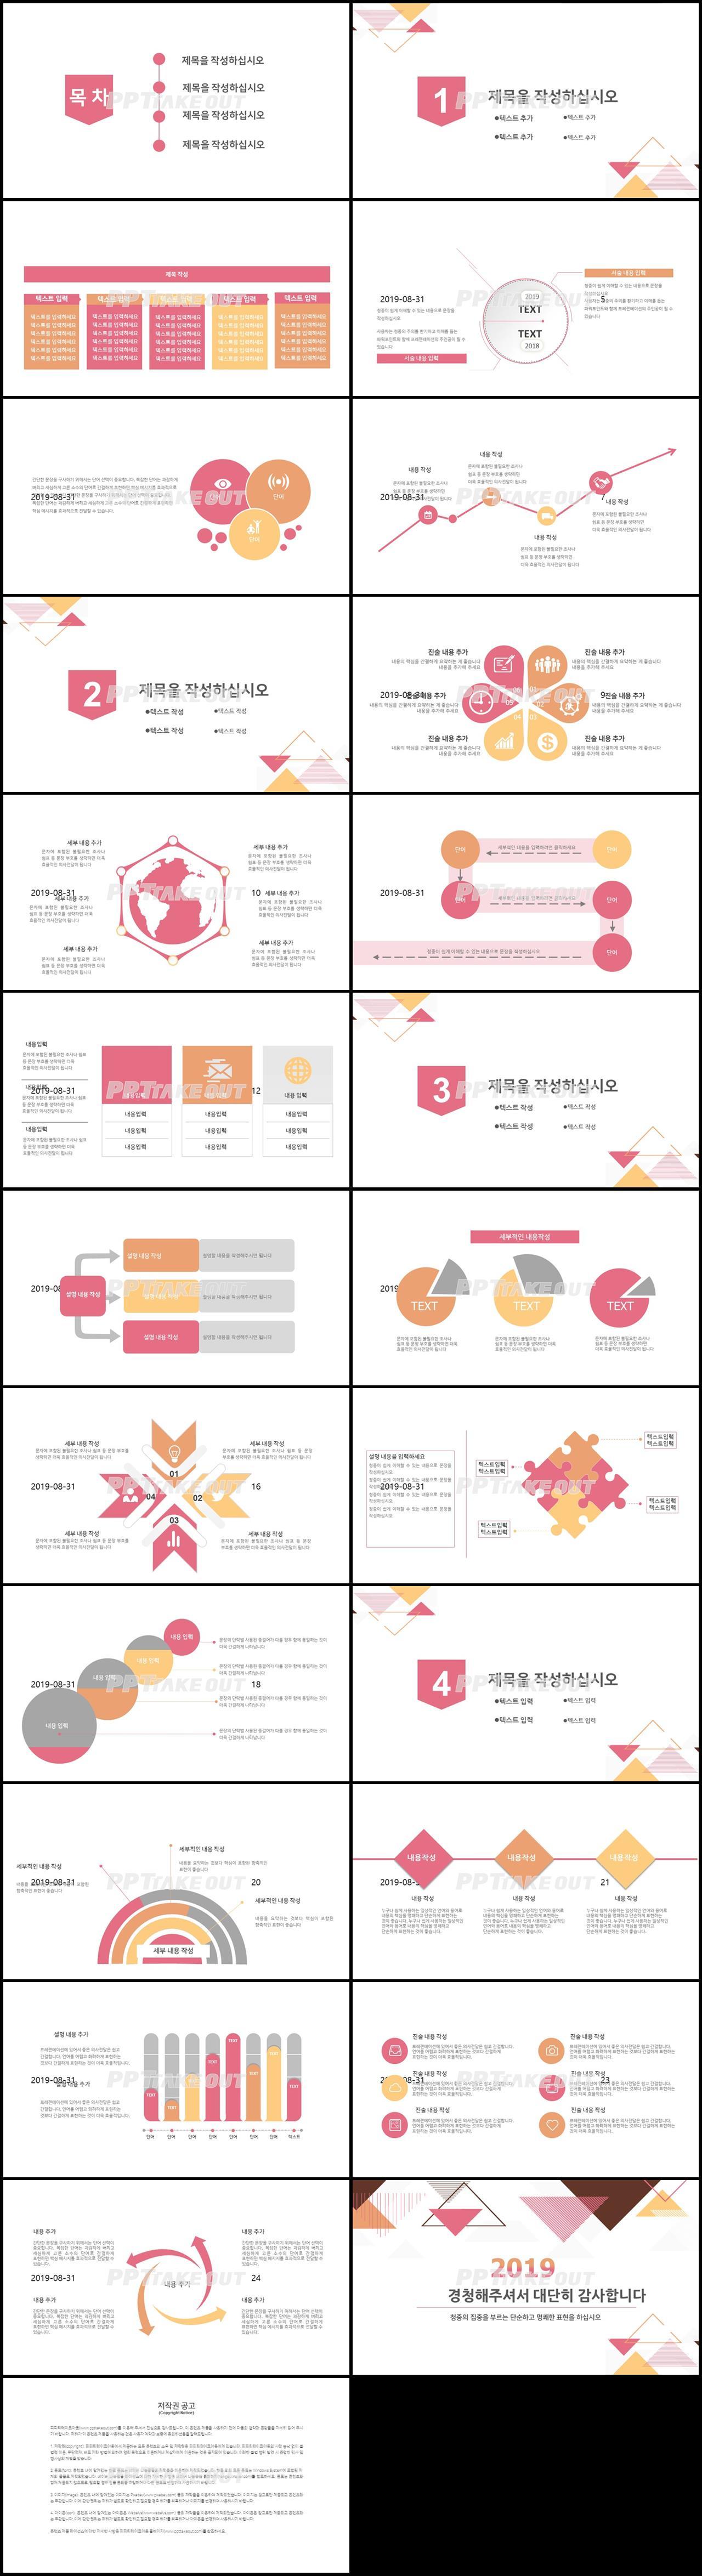 업무프로세스 핑크색 깔끔한 고퀄리티 피피티탬플릿 제작 상세보기